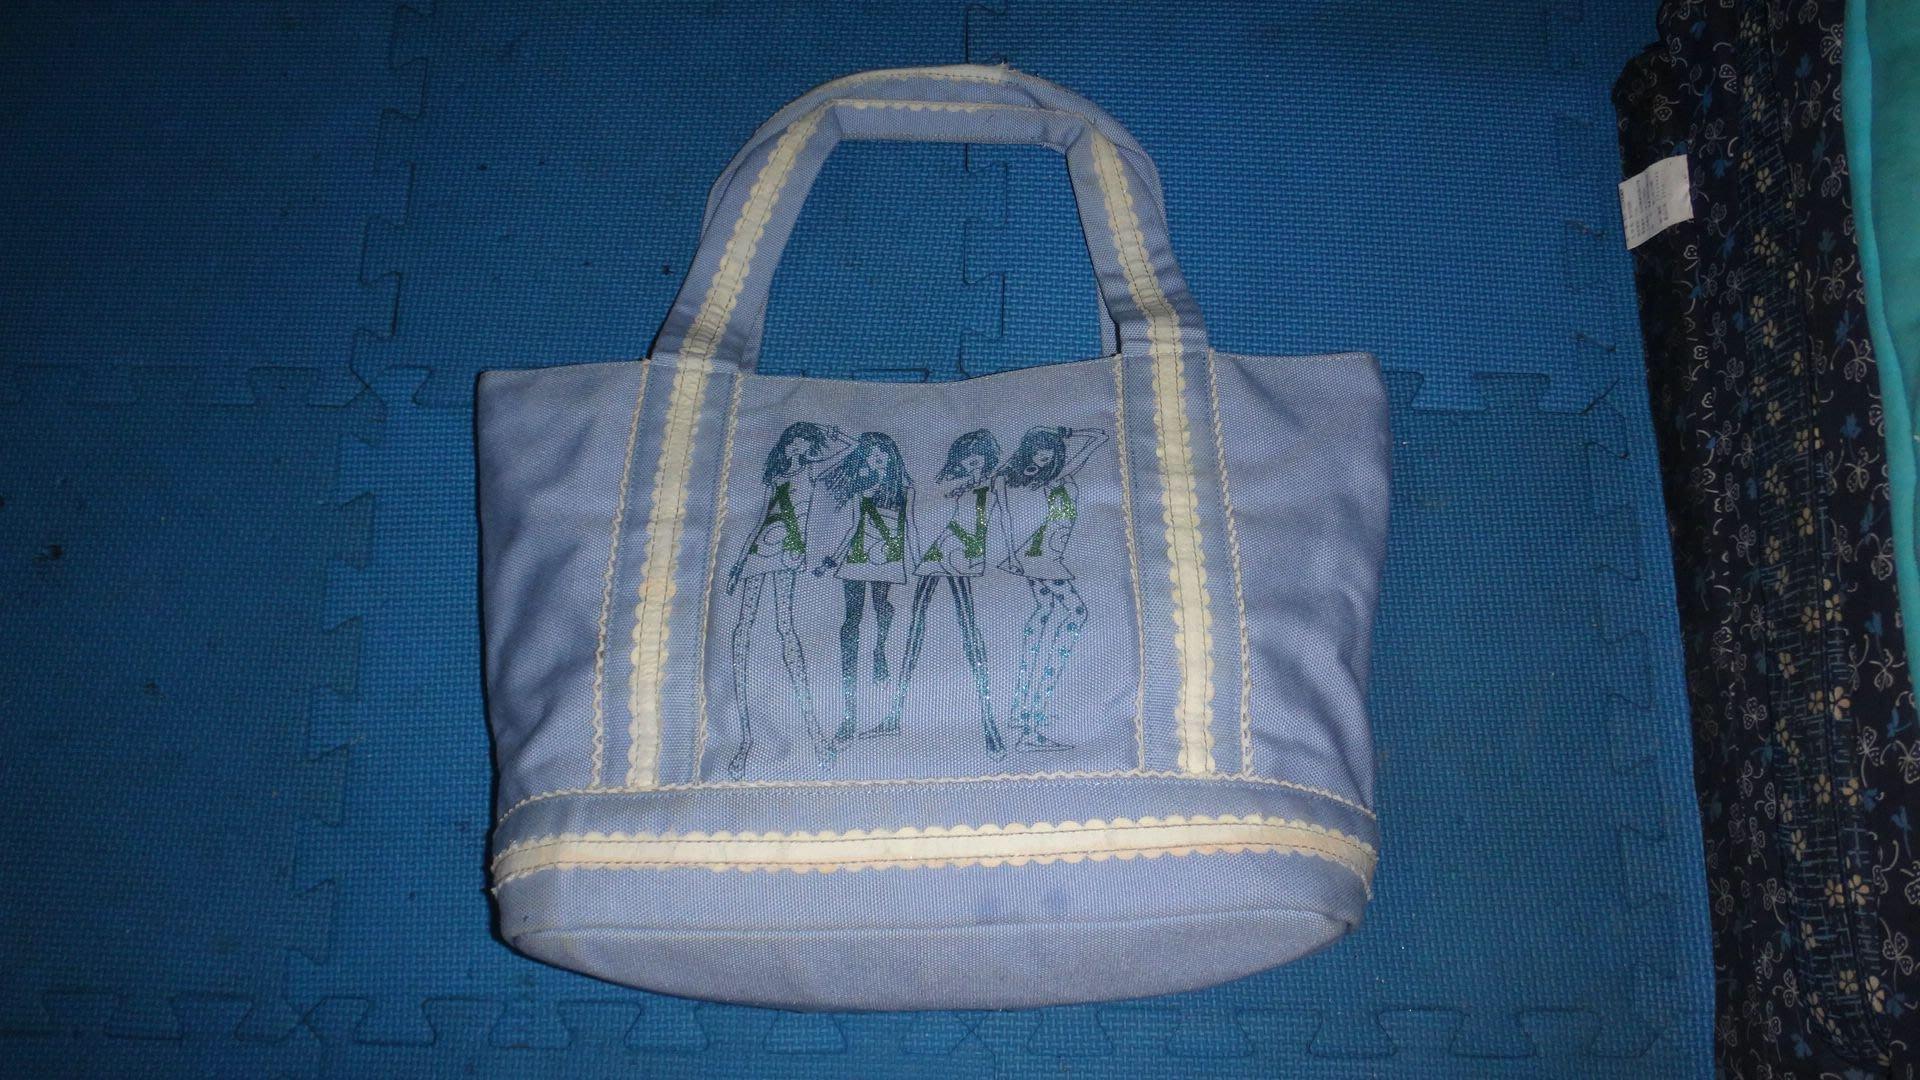 ~保證真品 Anna Sui 藍色單寧布料款手提包 水餃包 肩背包~便宜起標無底價標多少賣多少